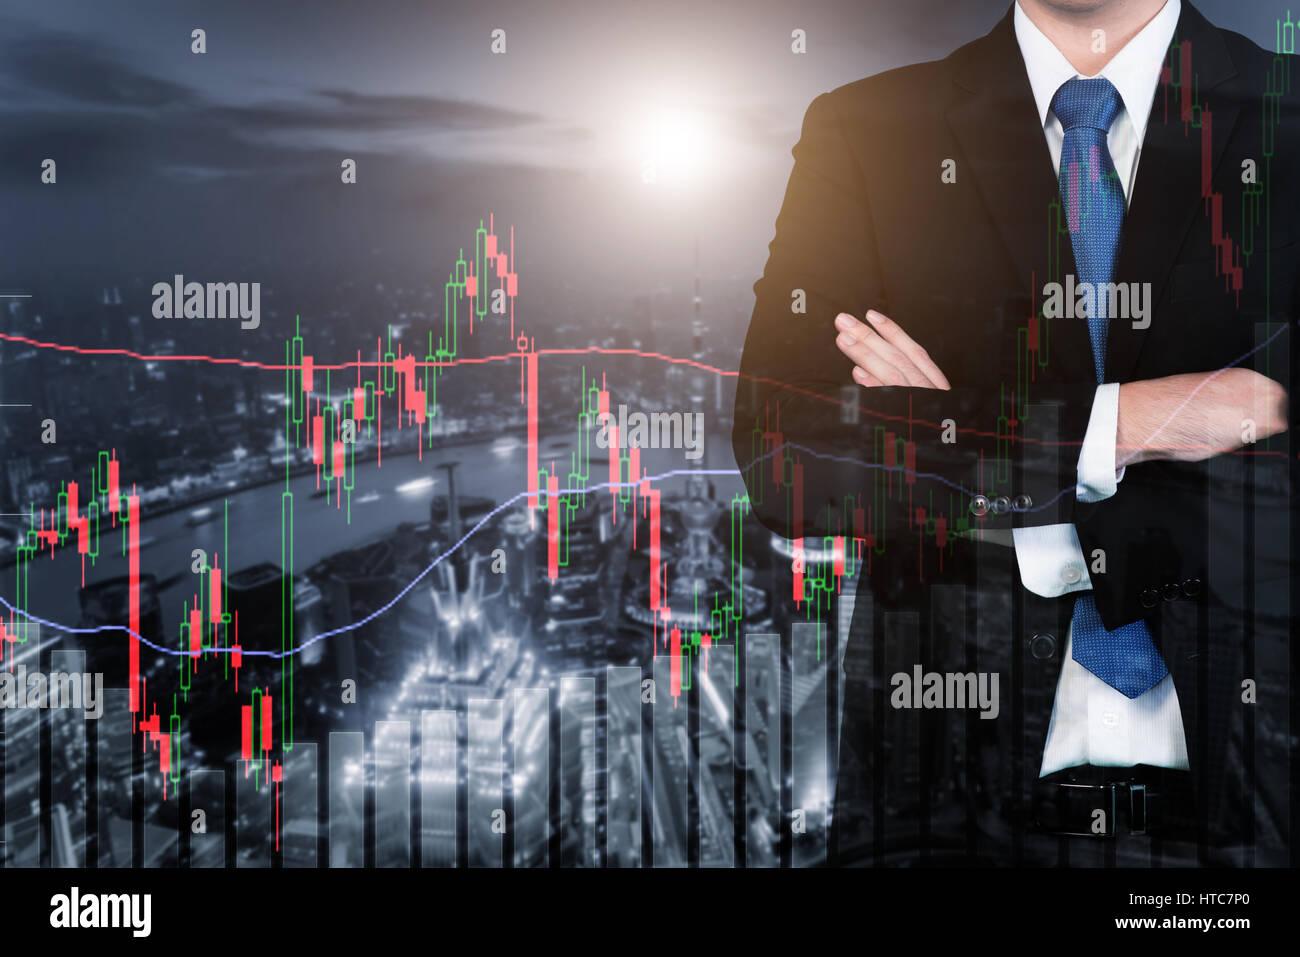 Double exposition de l'homme d'affaires et de la bourse de commerce et le bar graph sur ville la nuit. Business Photo Stock